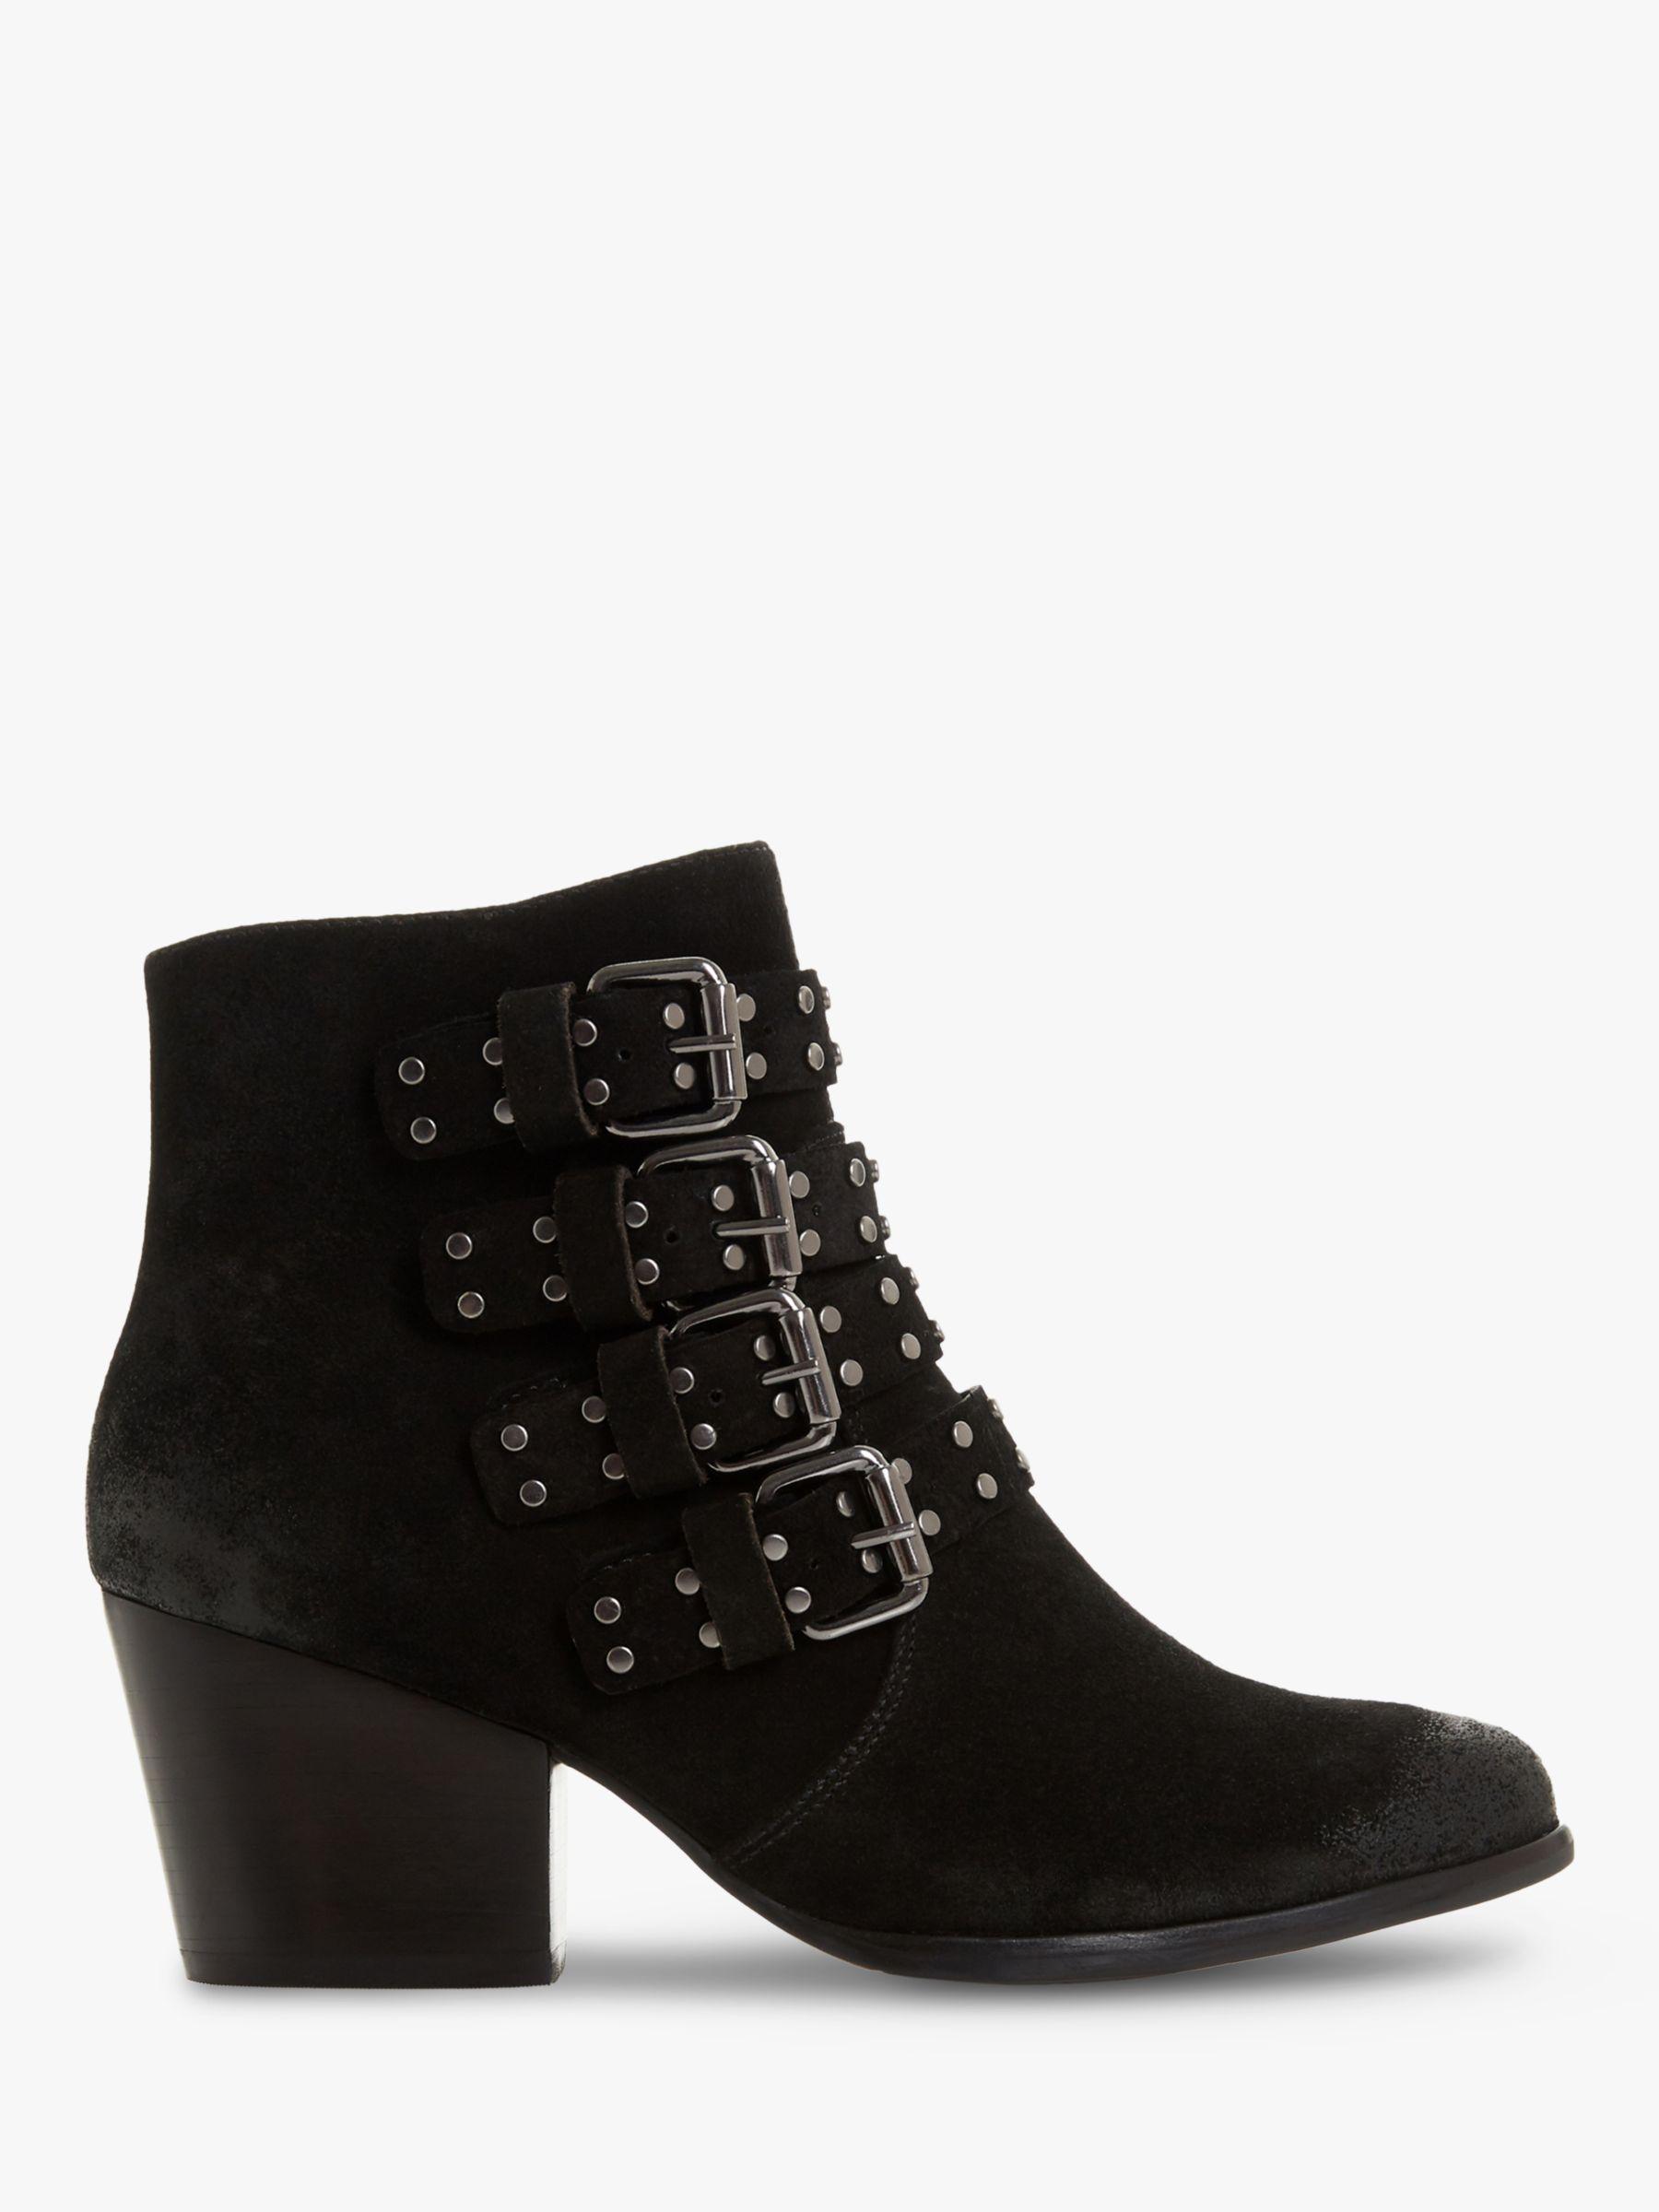 Bertie Bertie Paramont Block Heel Ankle Boots, Black